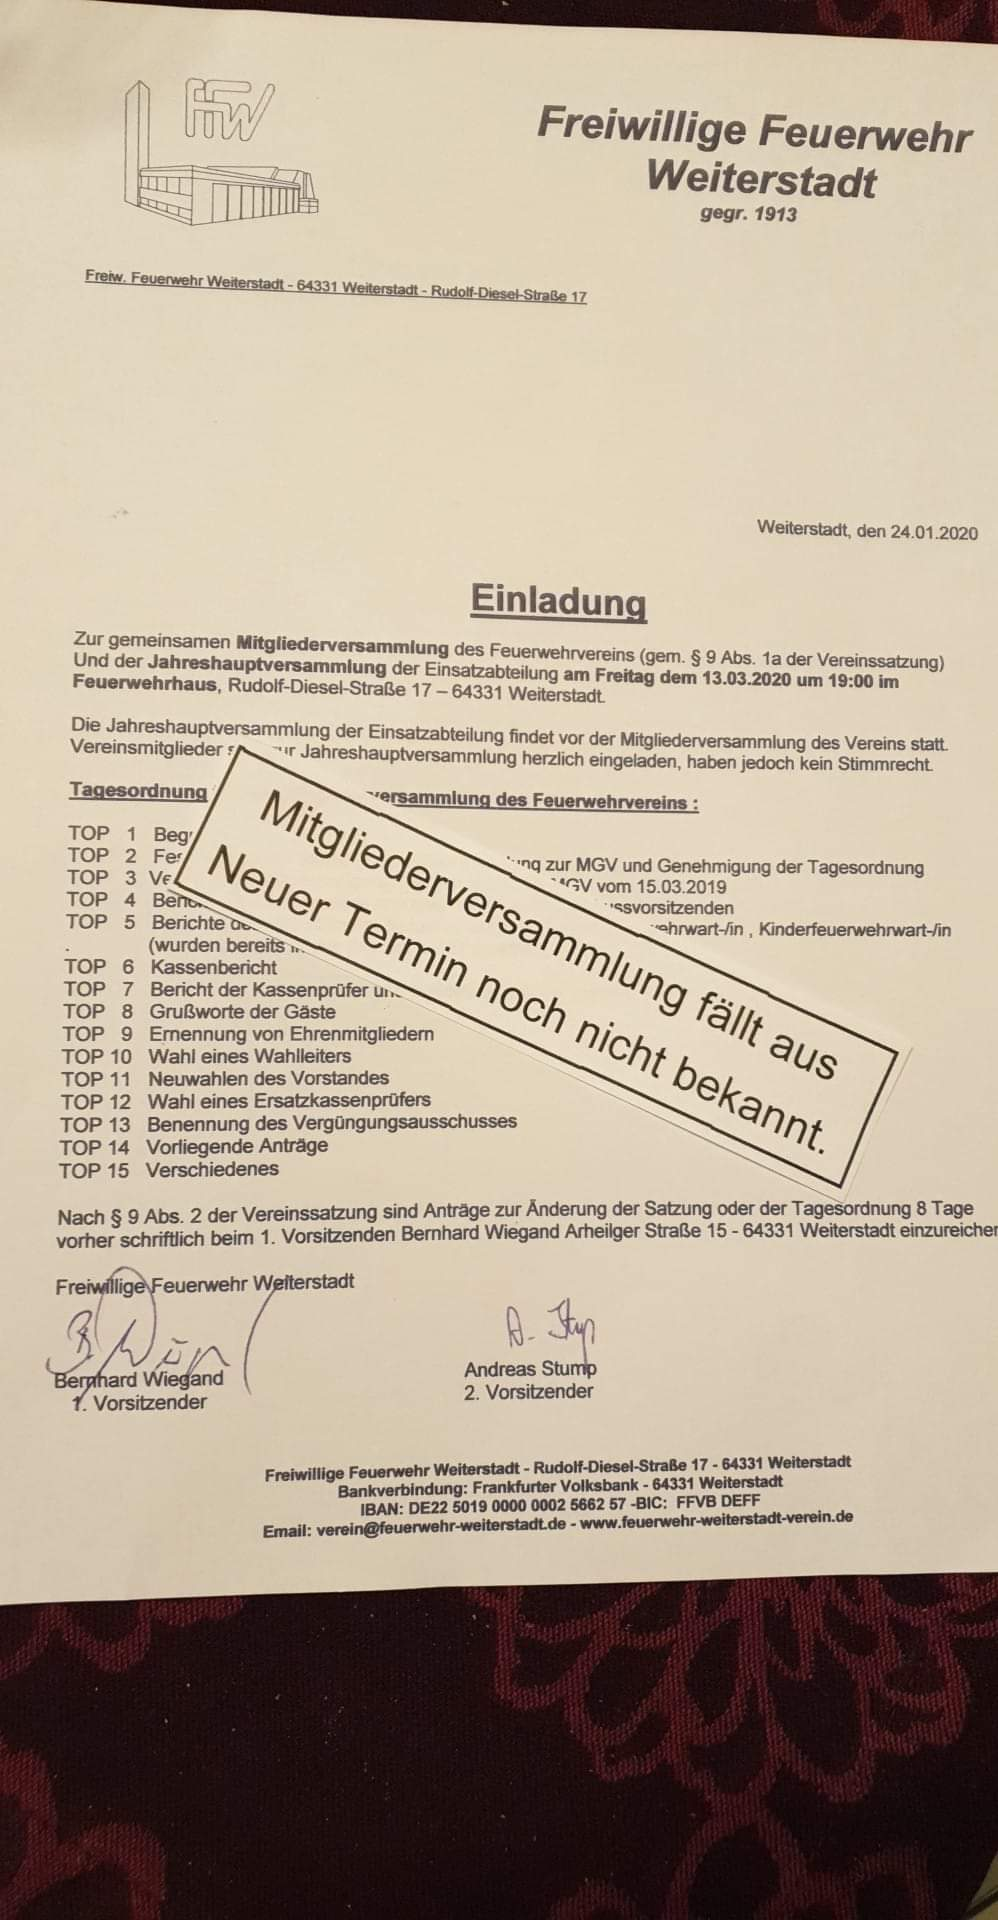 Die Mitgliederversammlung Und Die Matinee Des Feuerwehrvereins Fallen Aus. Neue Termine Noch Nicht Bekannt!